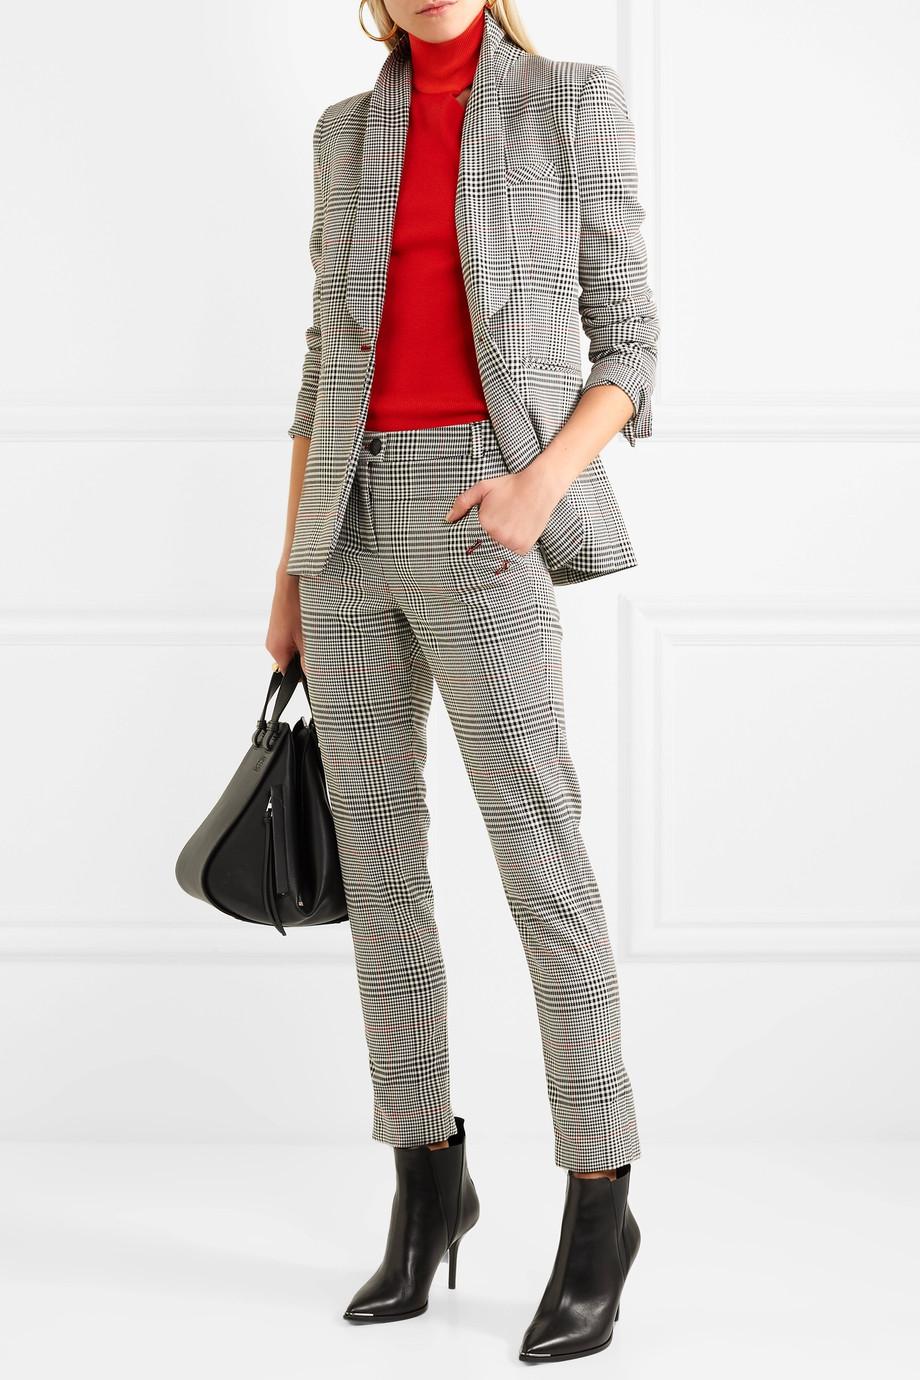 consigli come vestirsi bene in ufficio